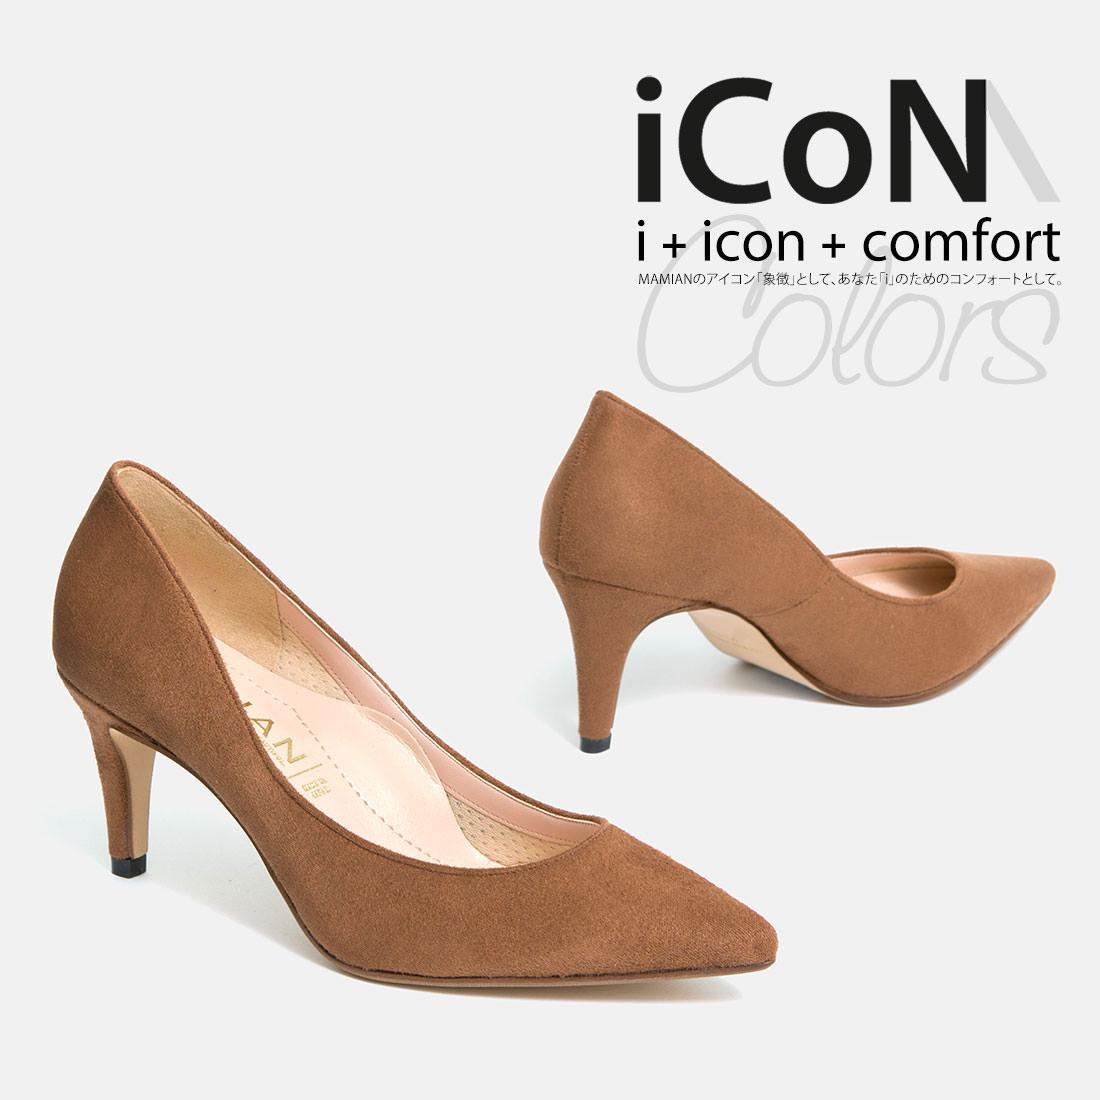 【20%OFF: Winter SALE】美脚スエードポインテッドトゥカラーパンプス 足が痛くない(なりにくい)7.0cmヒール 日本製 レディース 履きやすい 22.5cm~24.5cm 【iCoN】Colors 70P:ブラウンS(C76532)